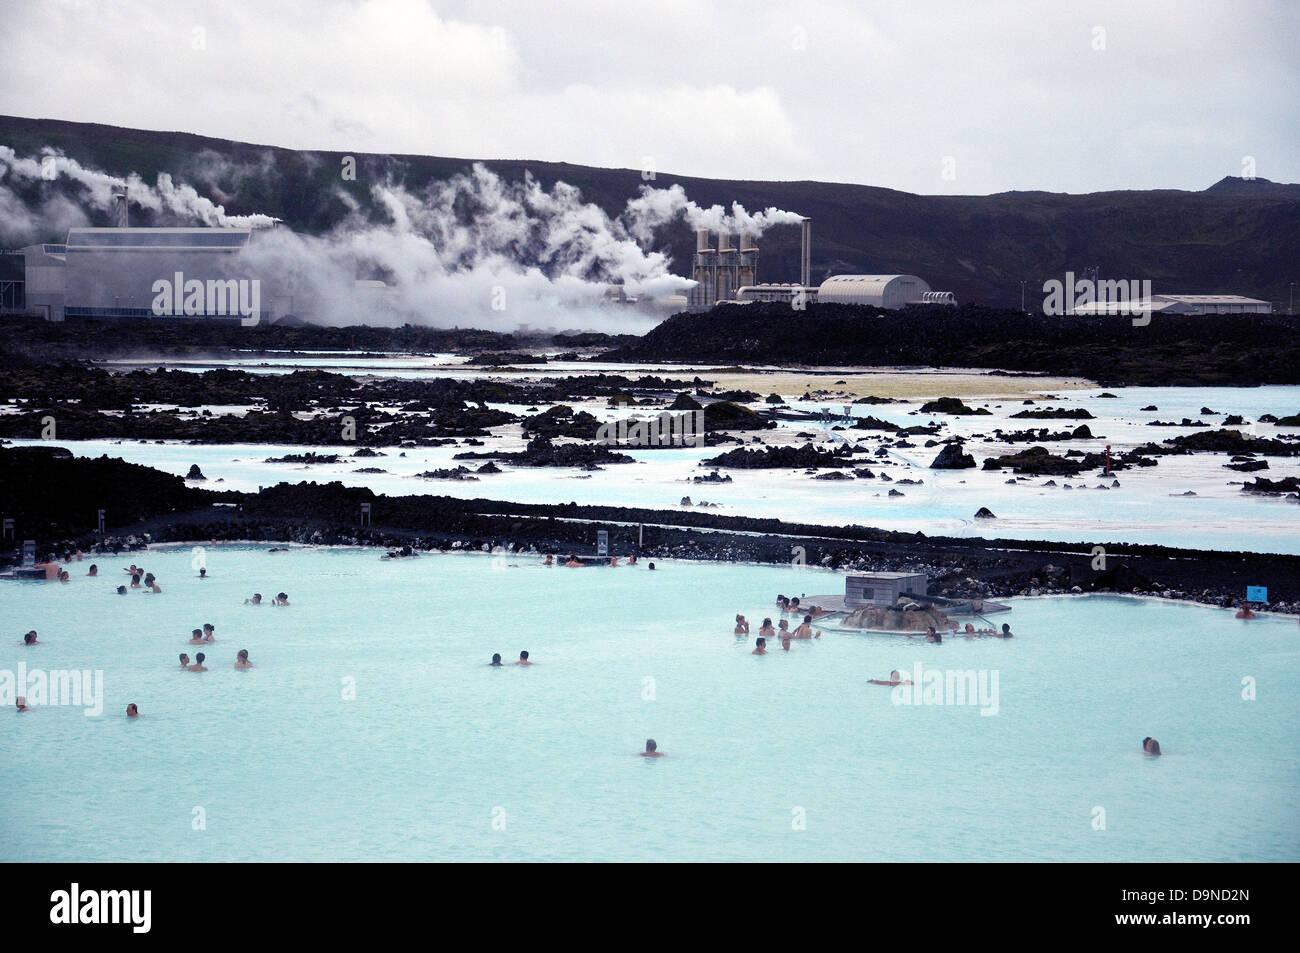 Islandia la famosa Laguna Azul, el popular lago natación en primer plano, la planta de energía geotérmica Imagen De Stock